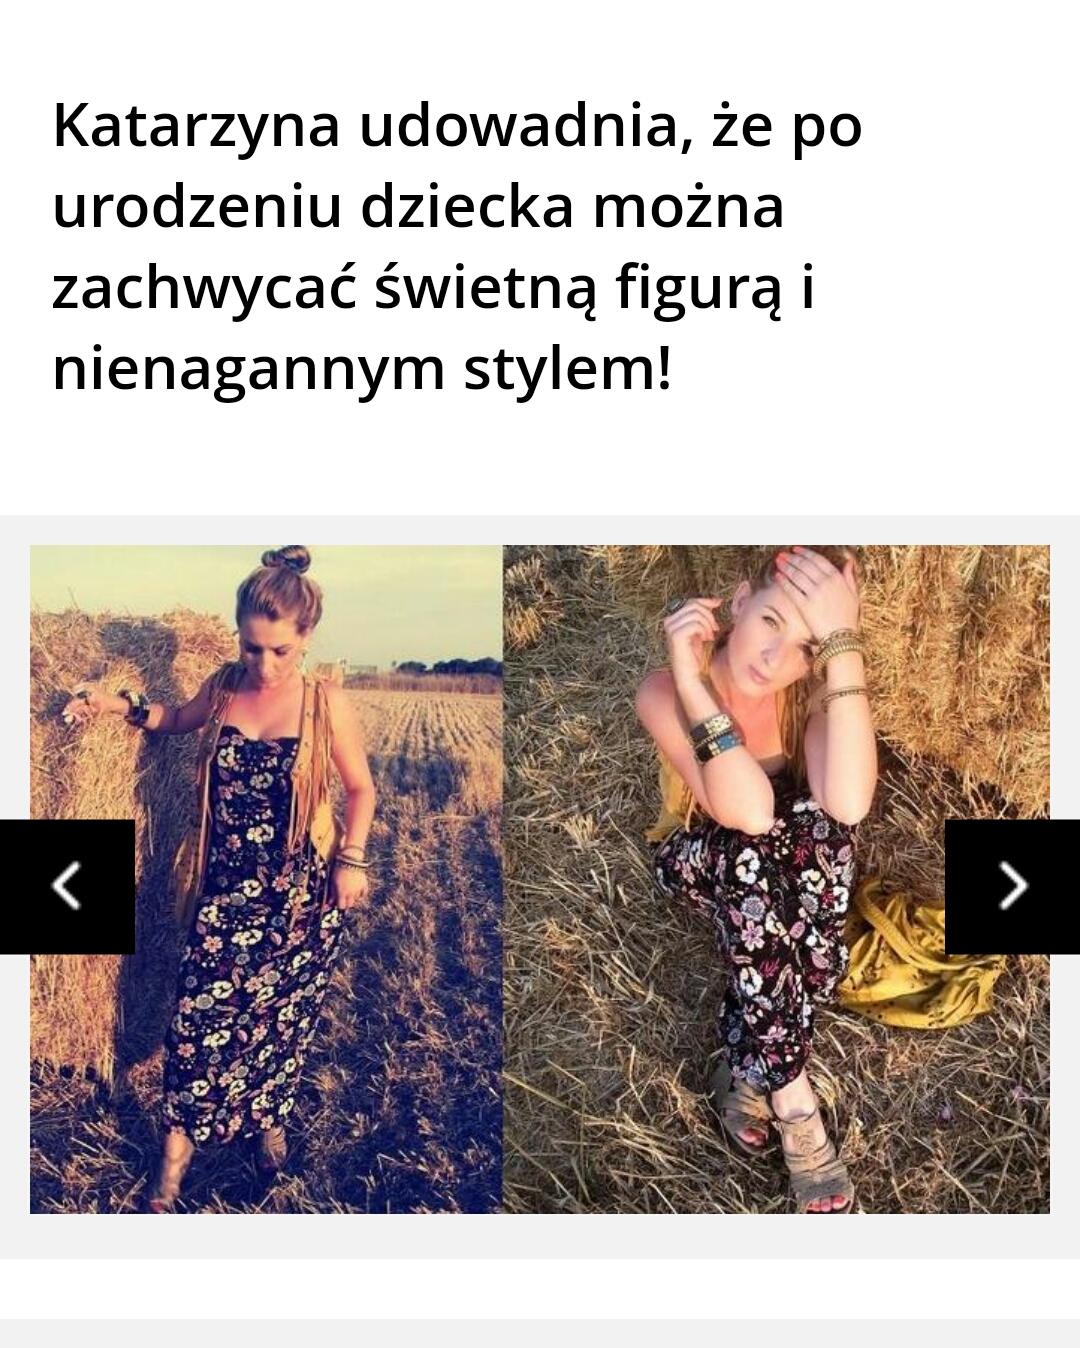 MEDIA ABOUT ME - POLAND - PAPILOT KOBIETY W SIECI